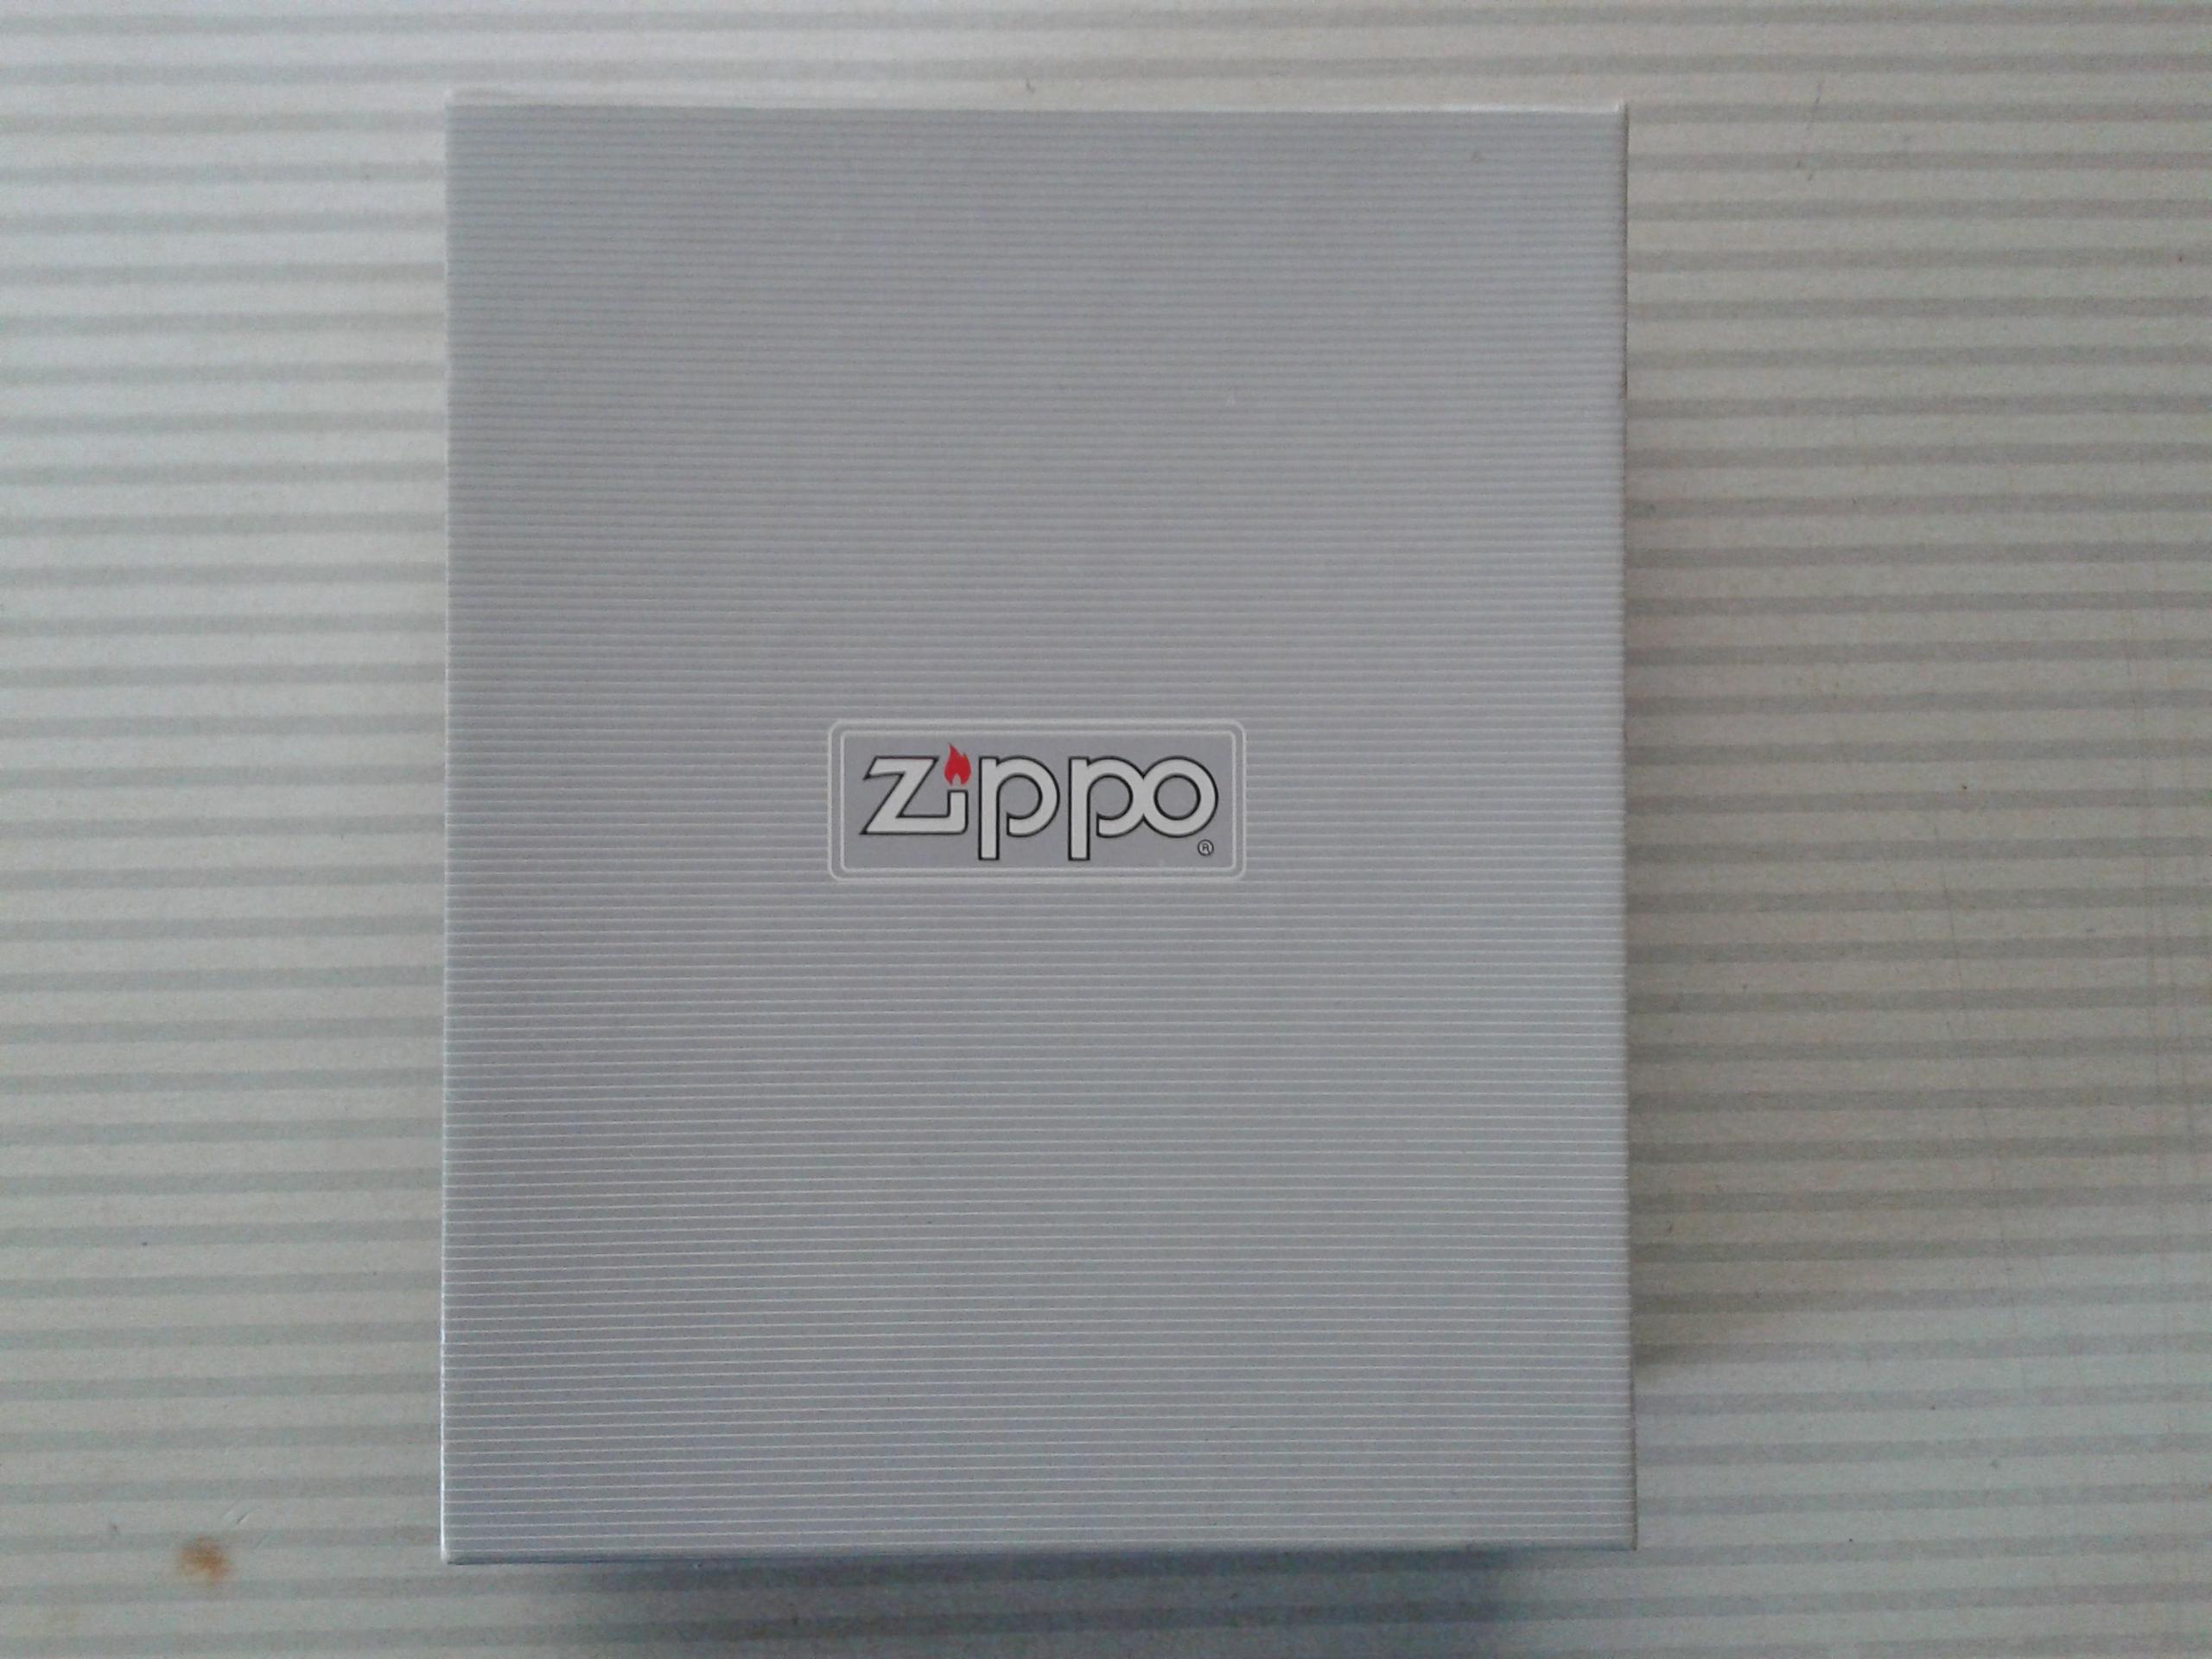 Les boites Zippo au fil du temps - Page 2 613762Giftbox11